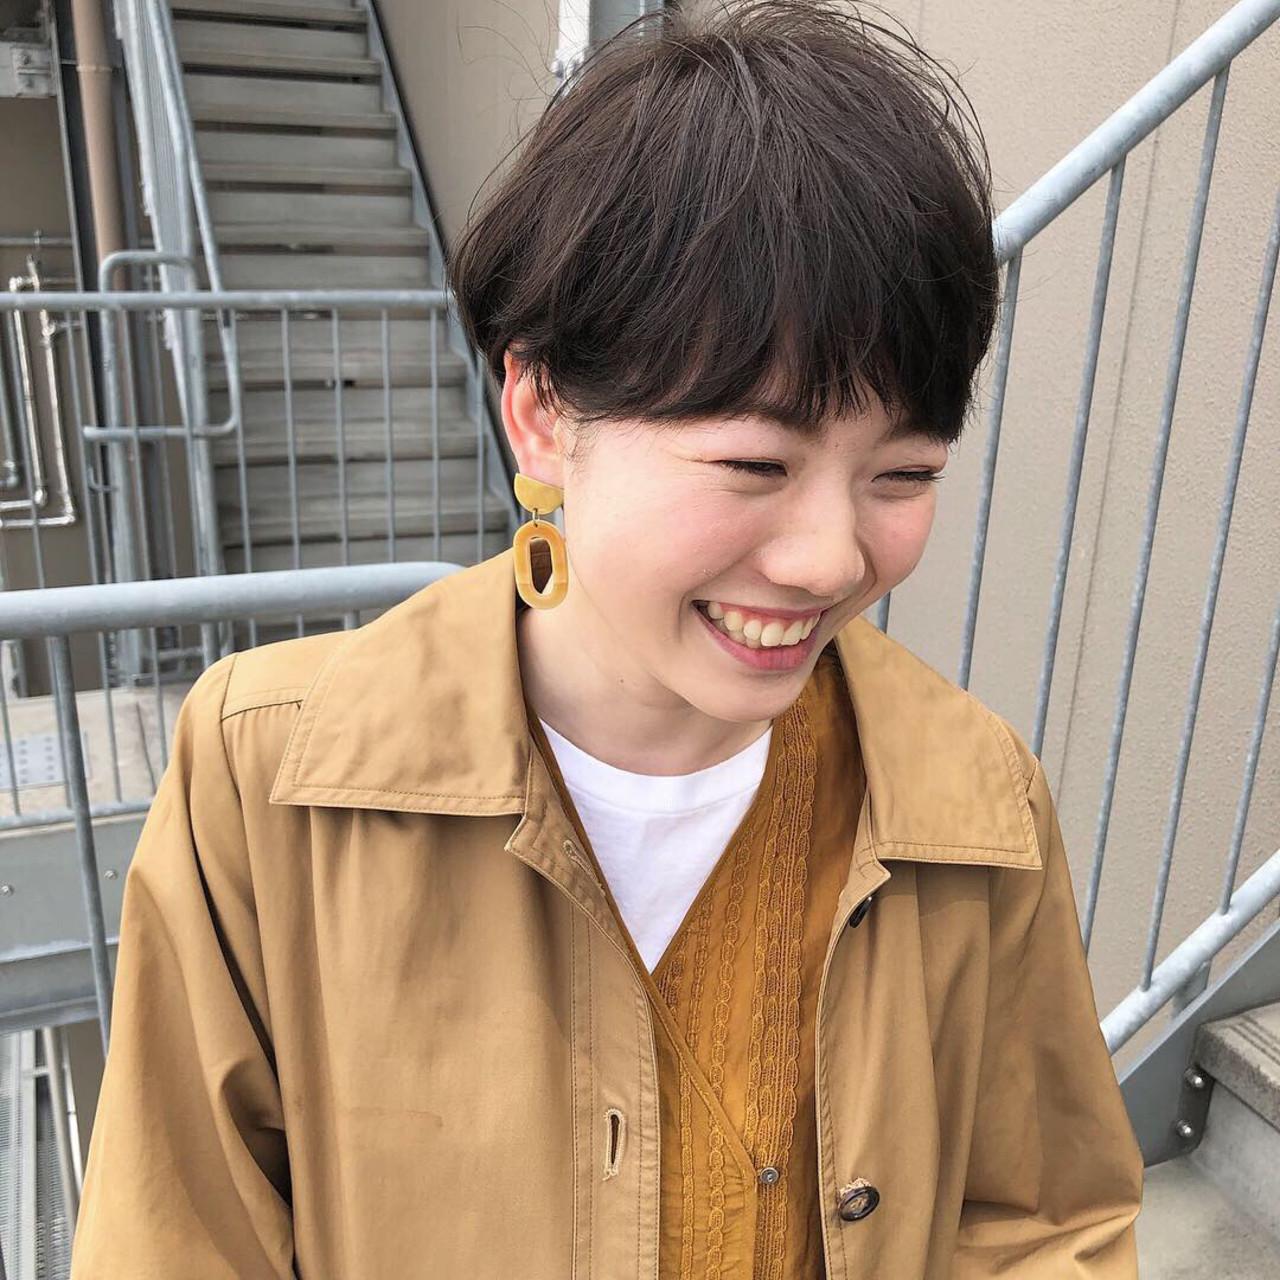 ショート ヌーディーベージュ ナチュラル ナチュラルベージュ ヘアスタイルや髪型の写真・画像 | 坂本圭太朗 / bado